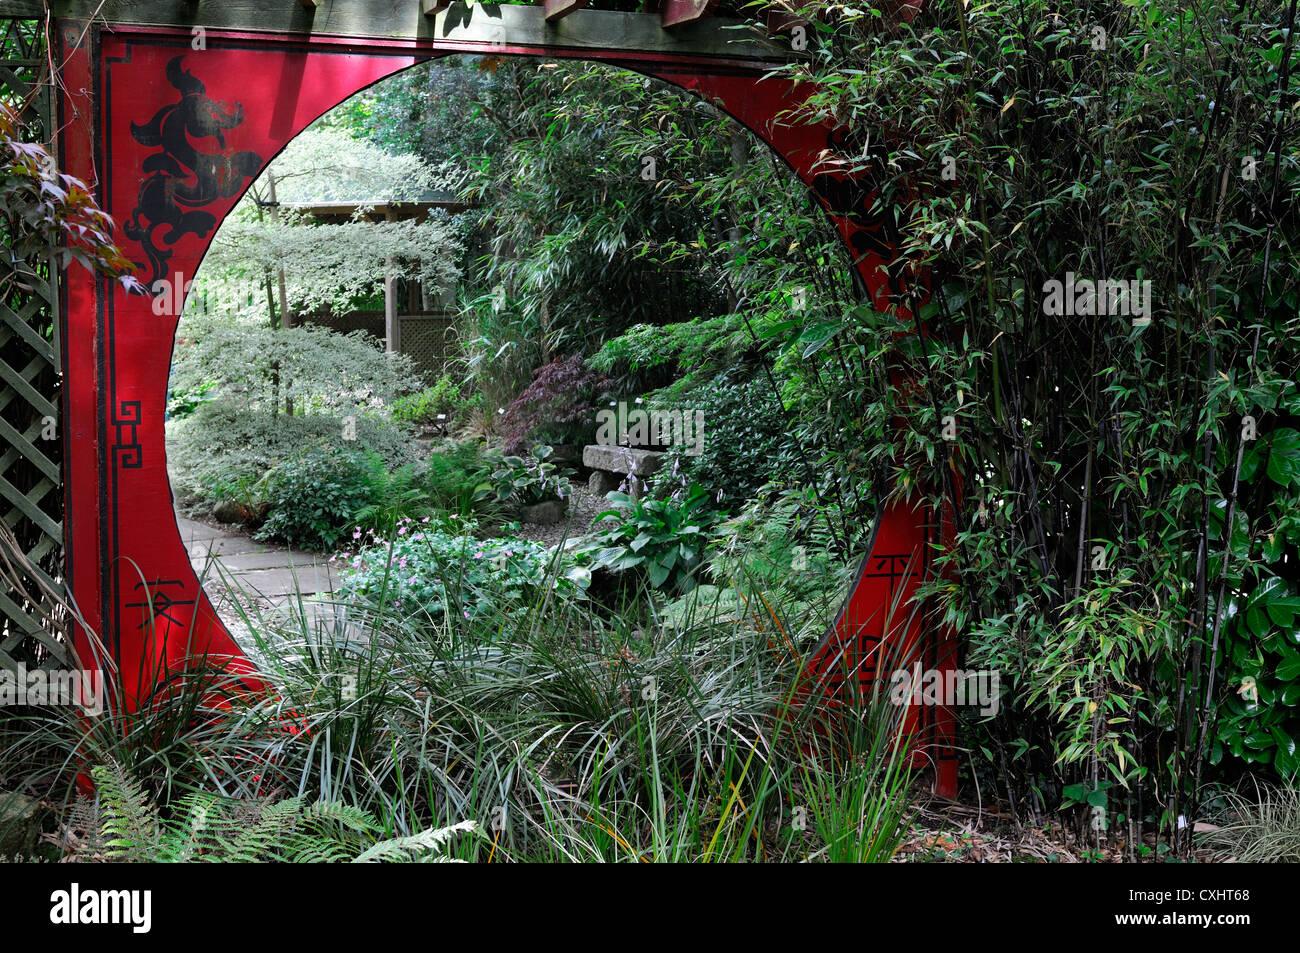 Gartengestaltung Japanischer Garten, japanischer garten rot spiegelrahmen gerahmt spiegeln reflexion, Design ideen